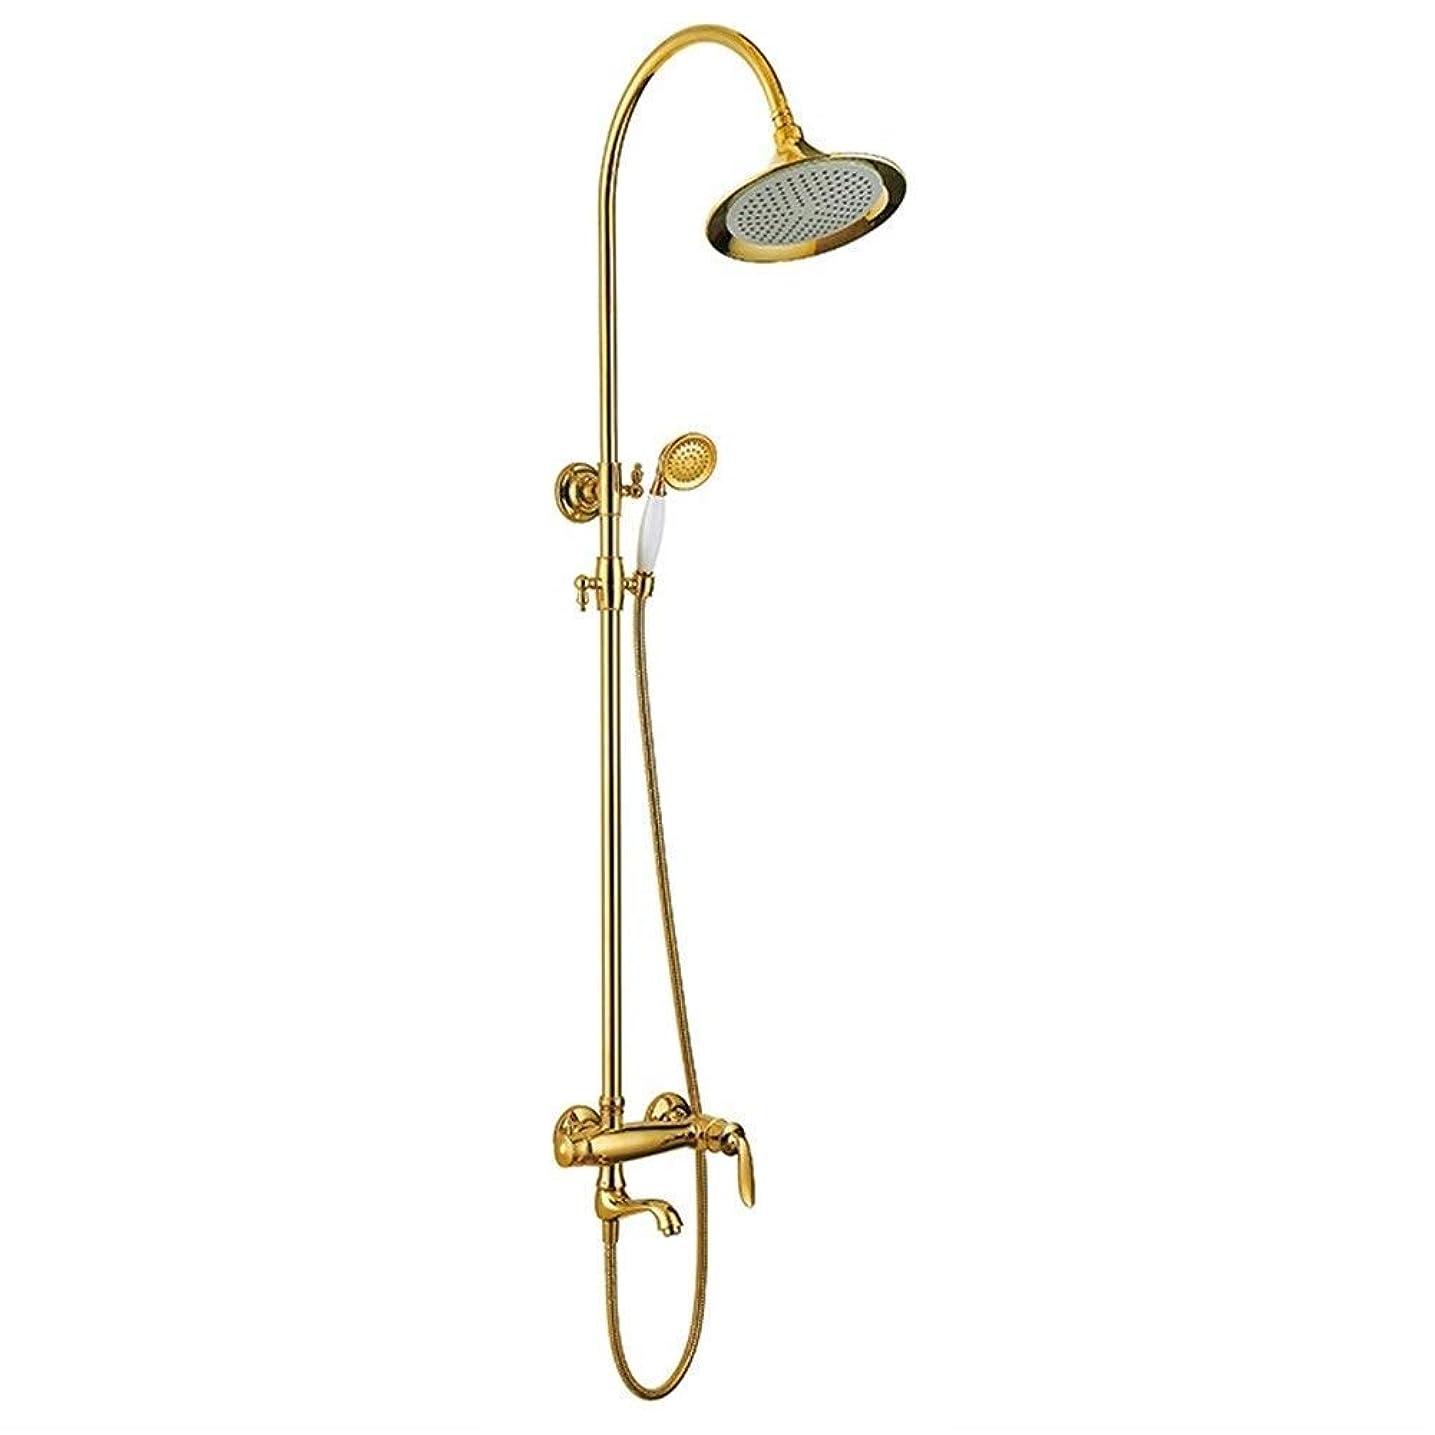 垂直環境に優しい中央WXQ-XQ ハンドヘルドシャワーヘッドキットスライドバー浴室のシャワーヘッドを備えたシャワーセットの雨シャワーセットウォールマウント(バス&シャワーの蛇口のタイプ:インウォールB +アンペア; S水栓)